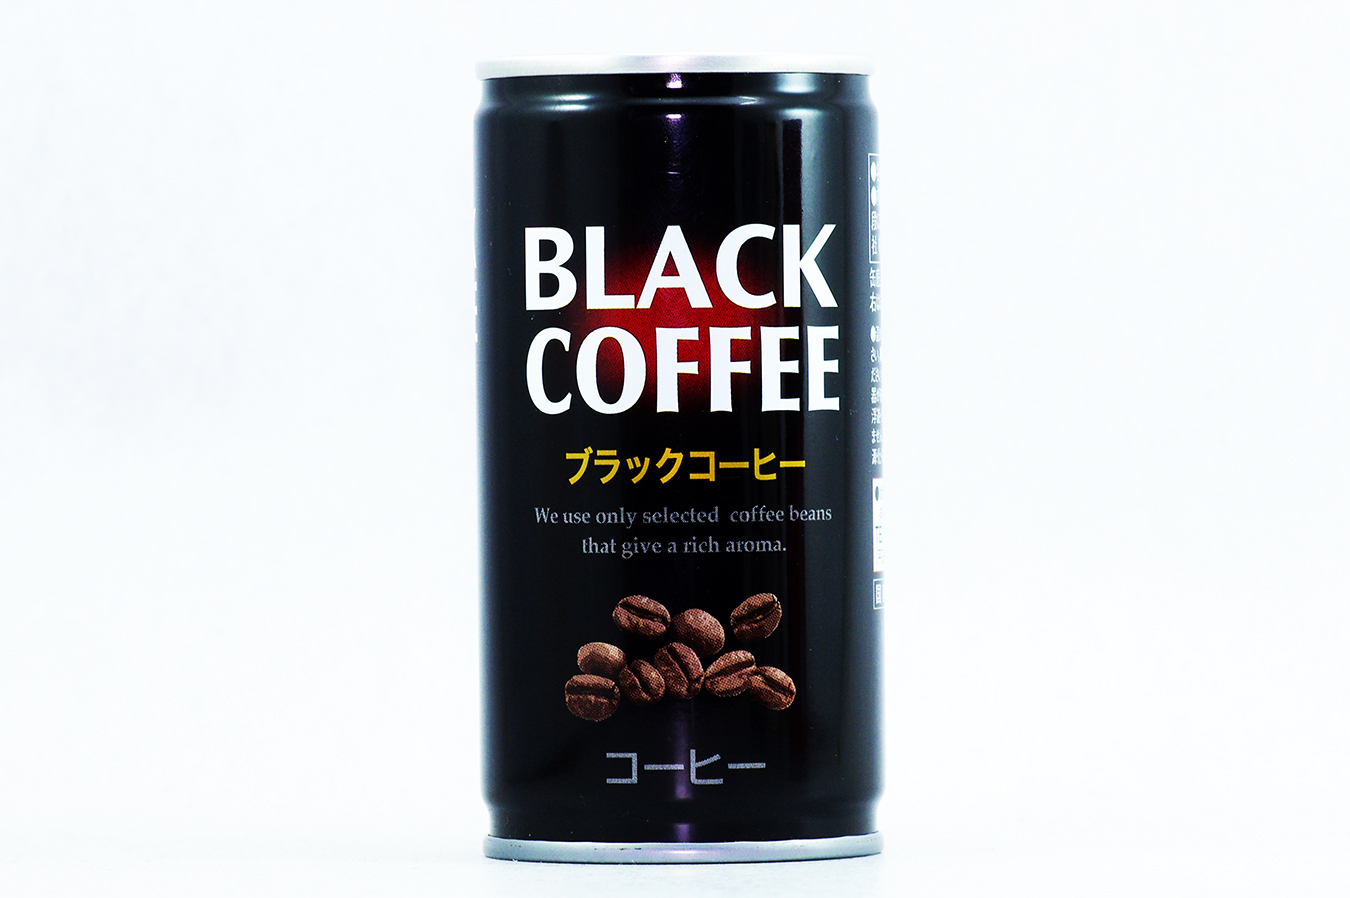 ブラックコーヒー 2017年12月